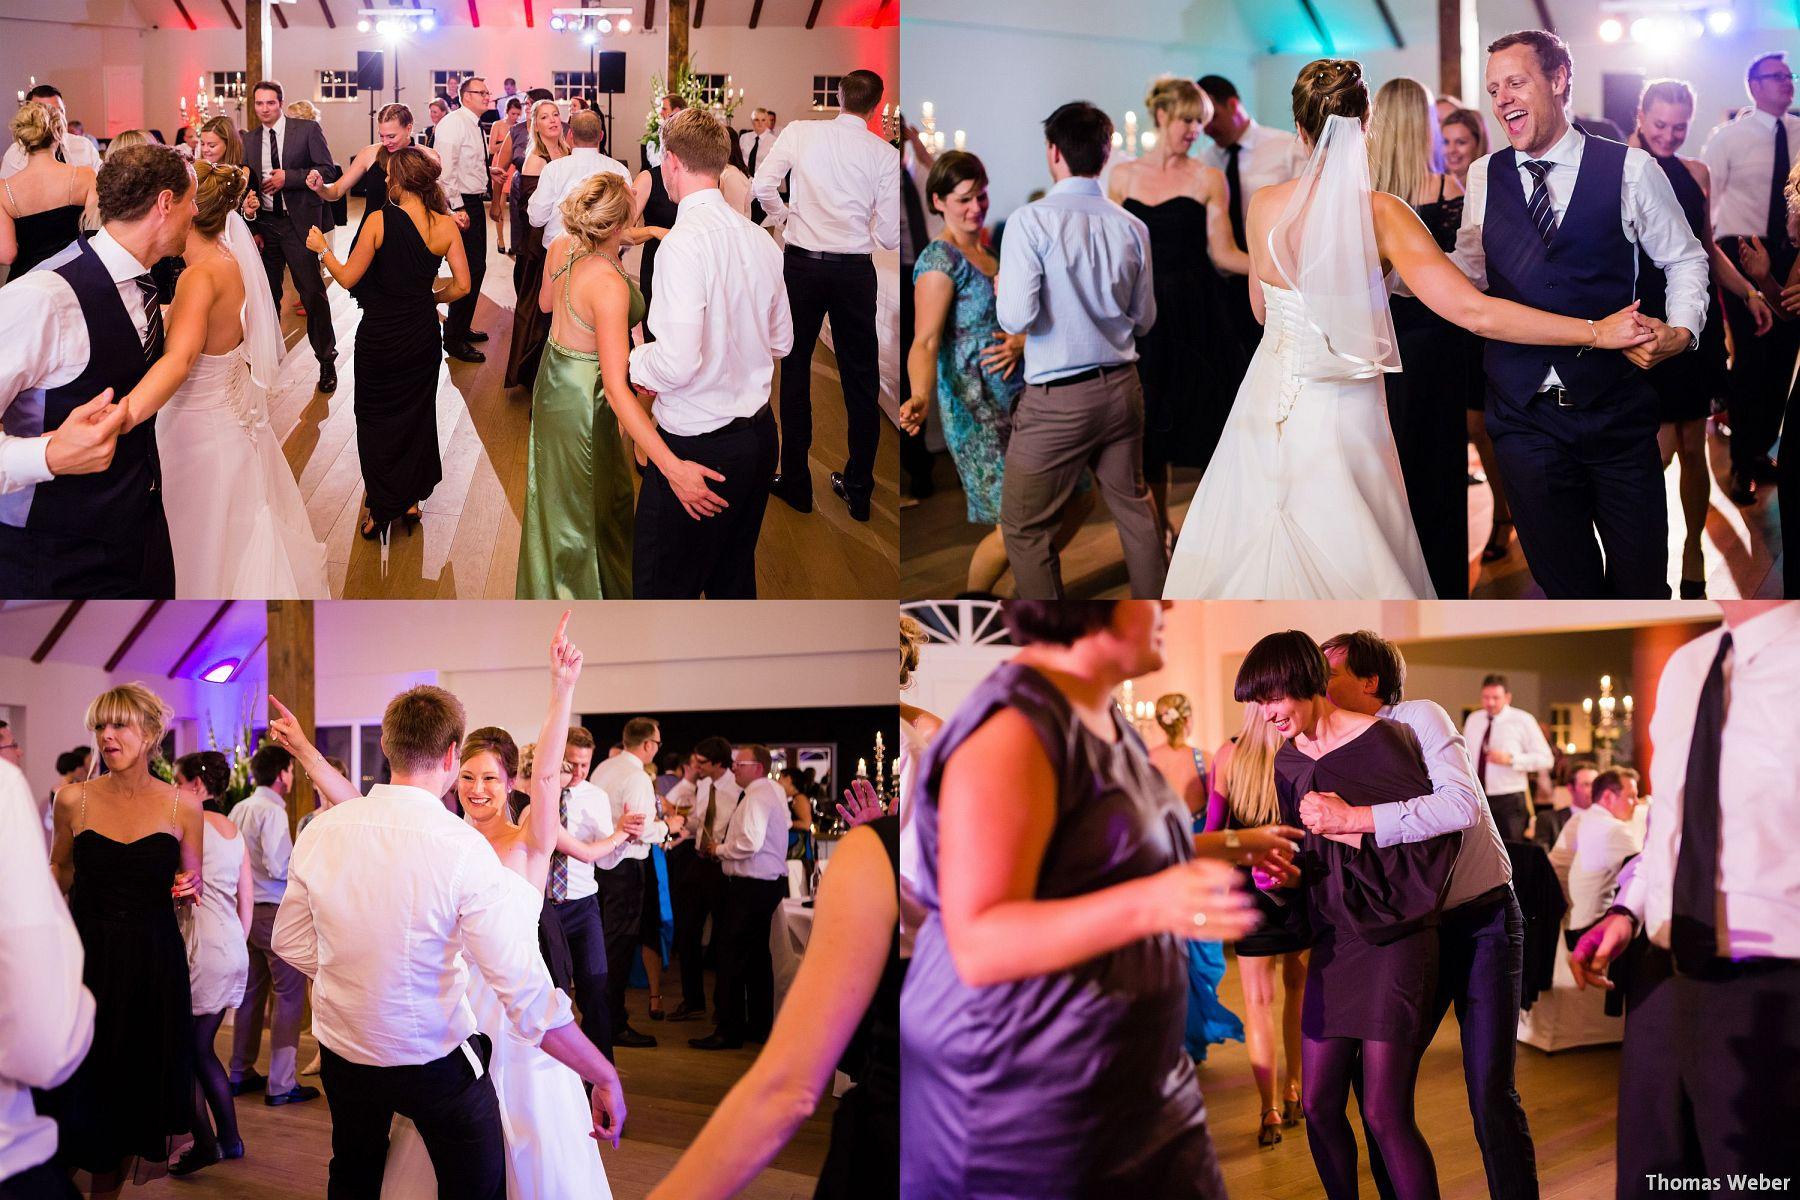 Hochzeitsfotograf Rastede: Kirchliche Trauung in der St. Ulrichs Kirche Rastede und Hochzeitsfeier in der Eventscheune St Georg Rastede mit dem Catering von Split Food (Michael Niebuhr) aus Oldenburg (53)